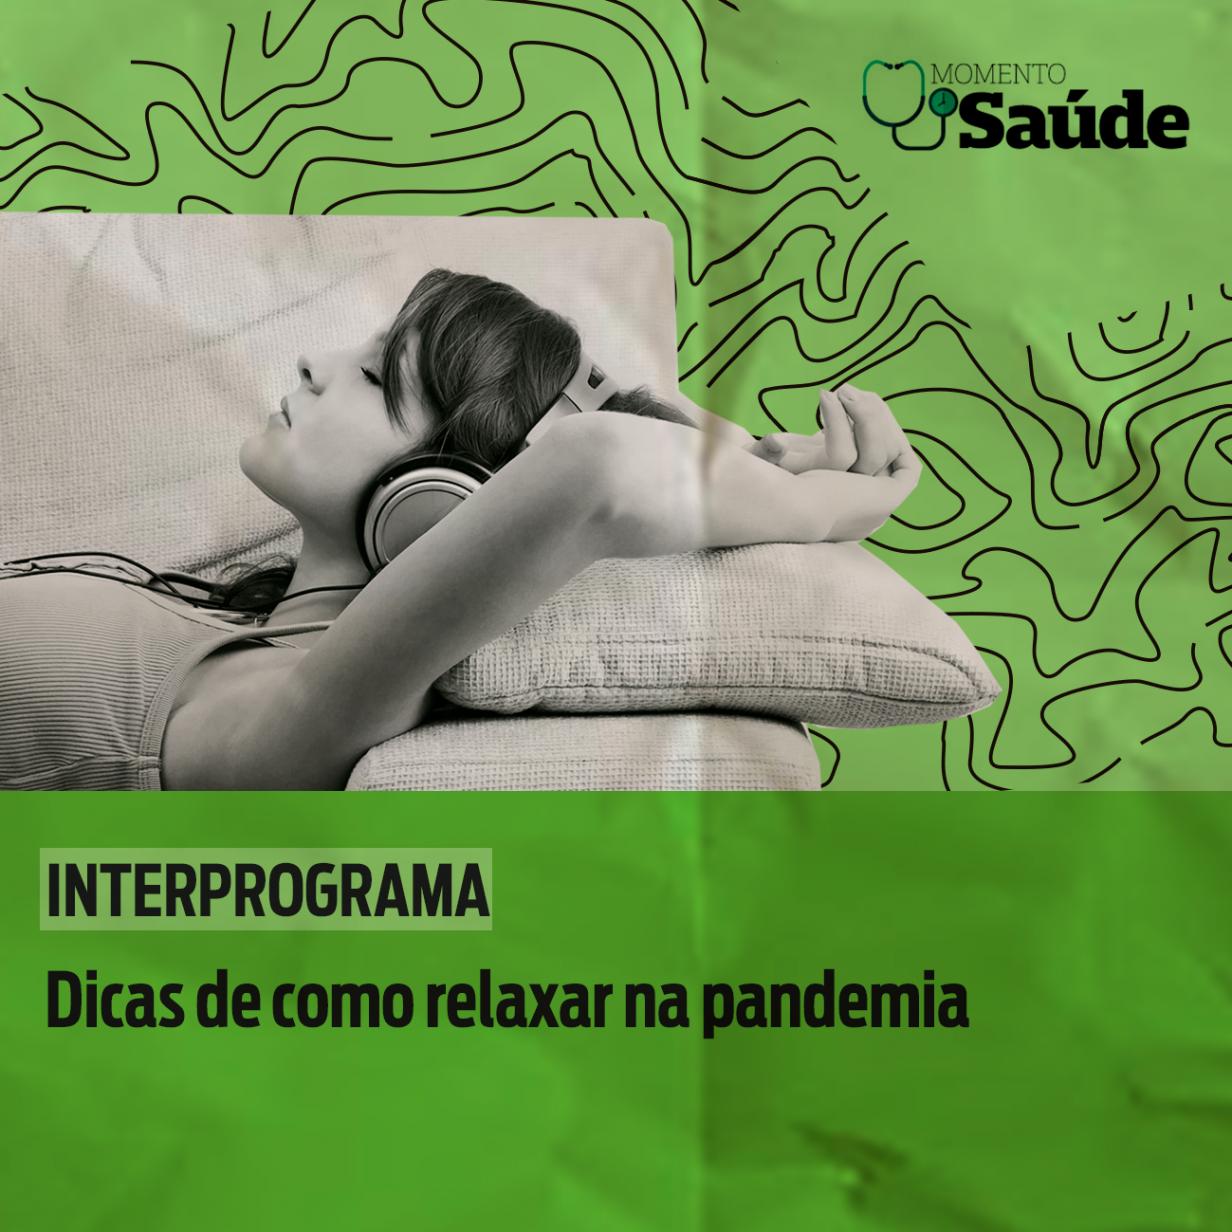 Dicas de como relaxar na pandemia